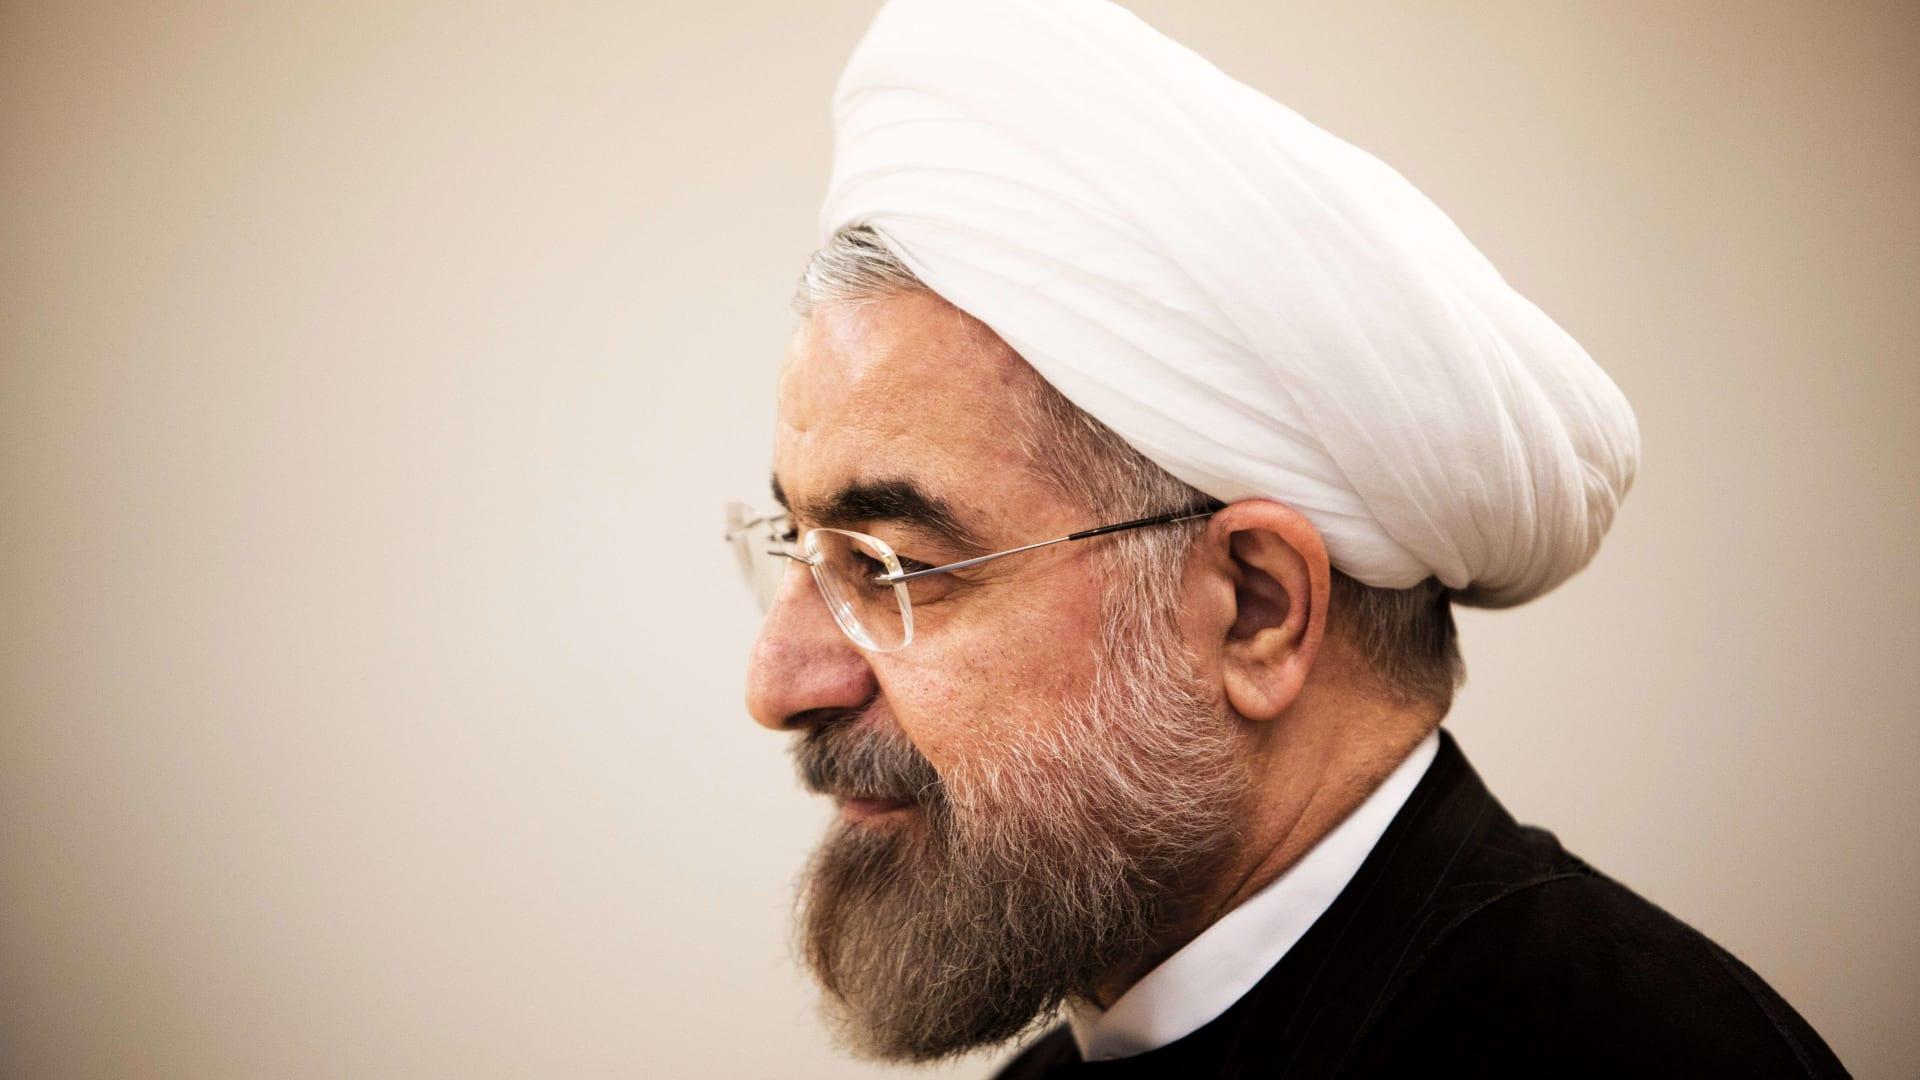 صحف العالم: 300 ألف دولار من روحاني لمستشفى يهودي في طهران